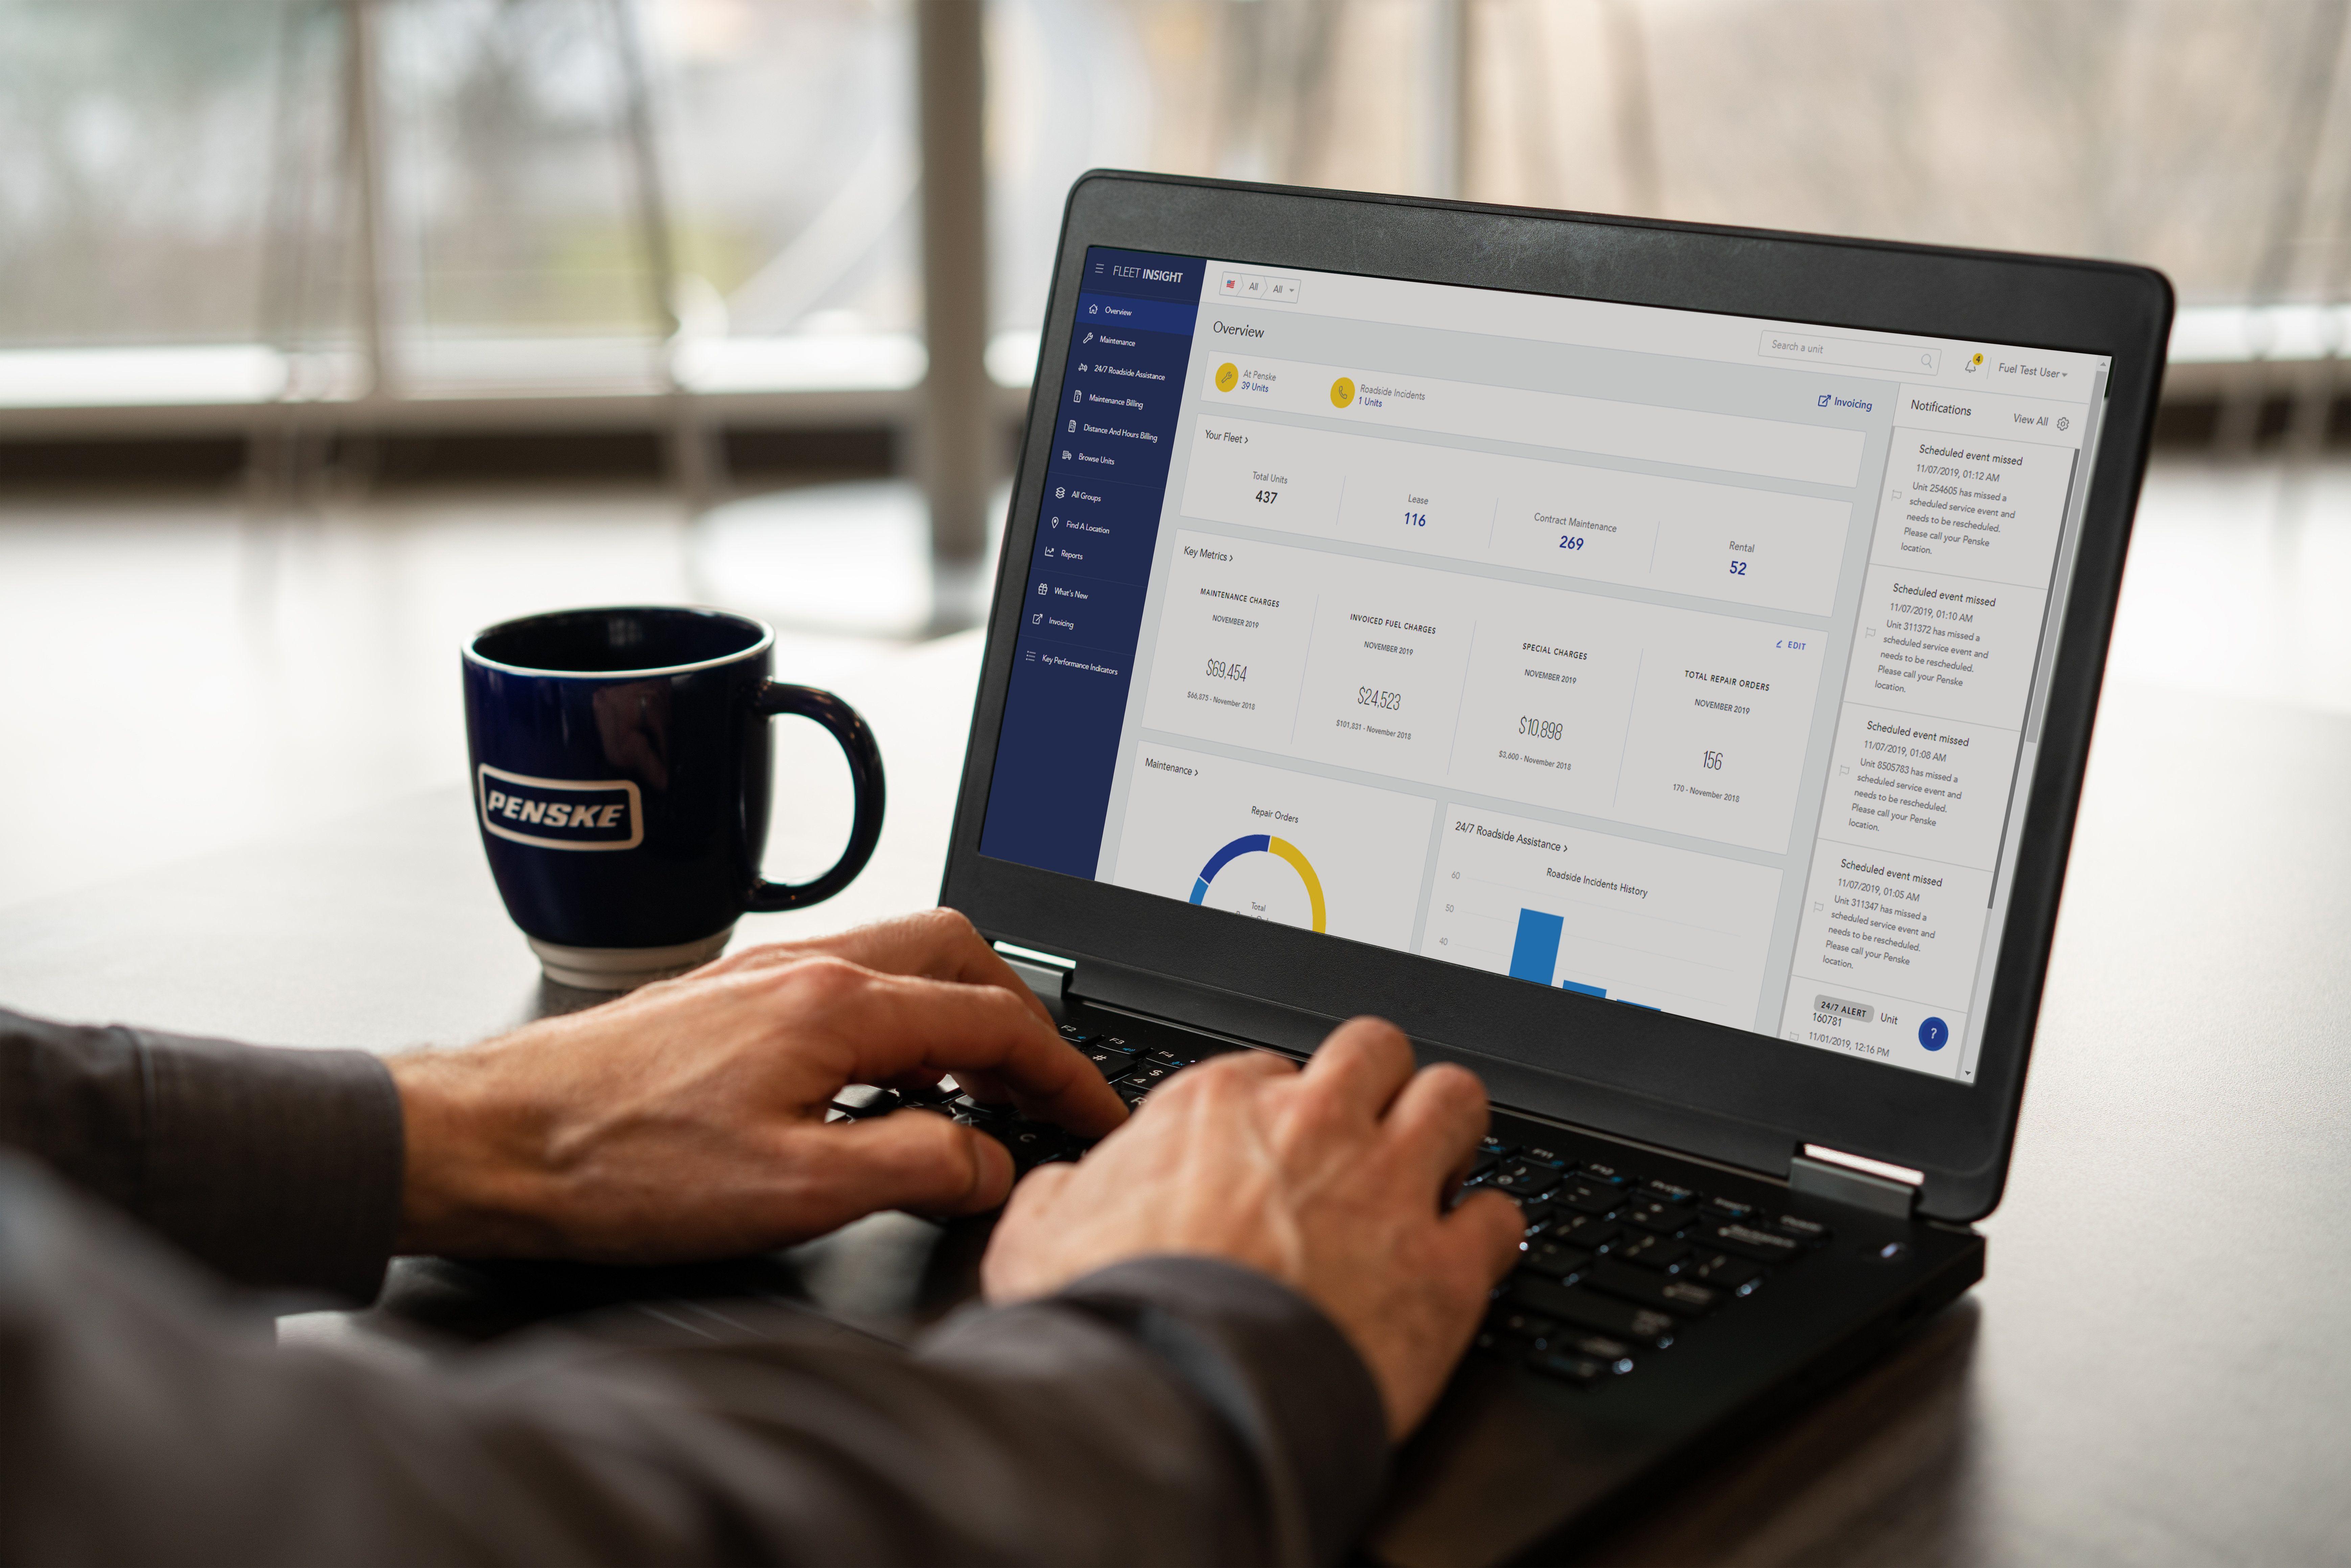 Customer using Fleet Insight on laptop